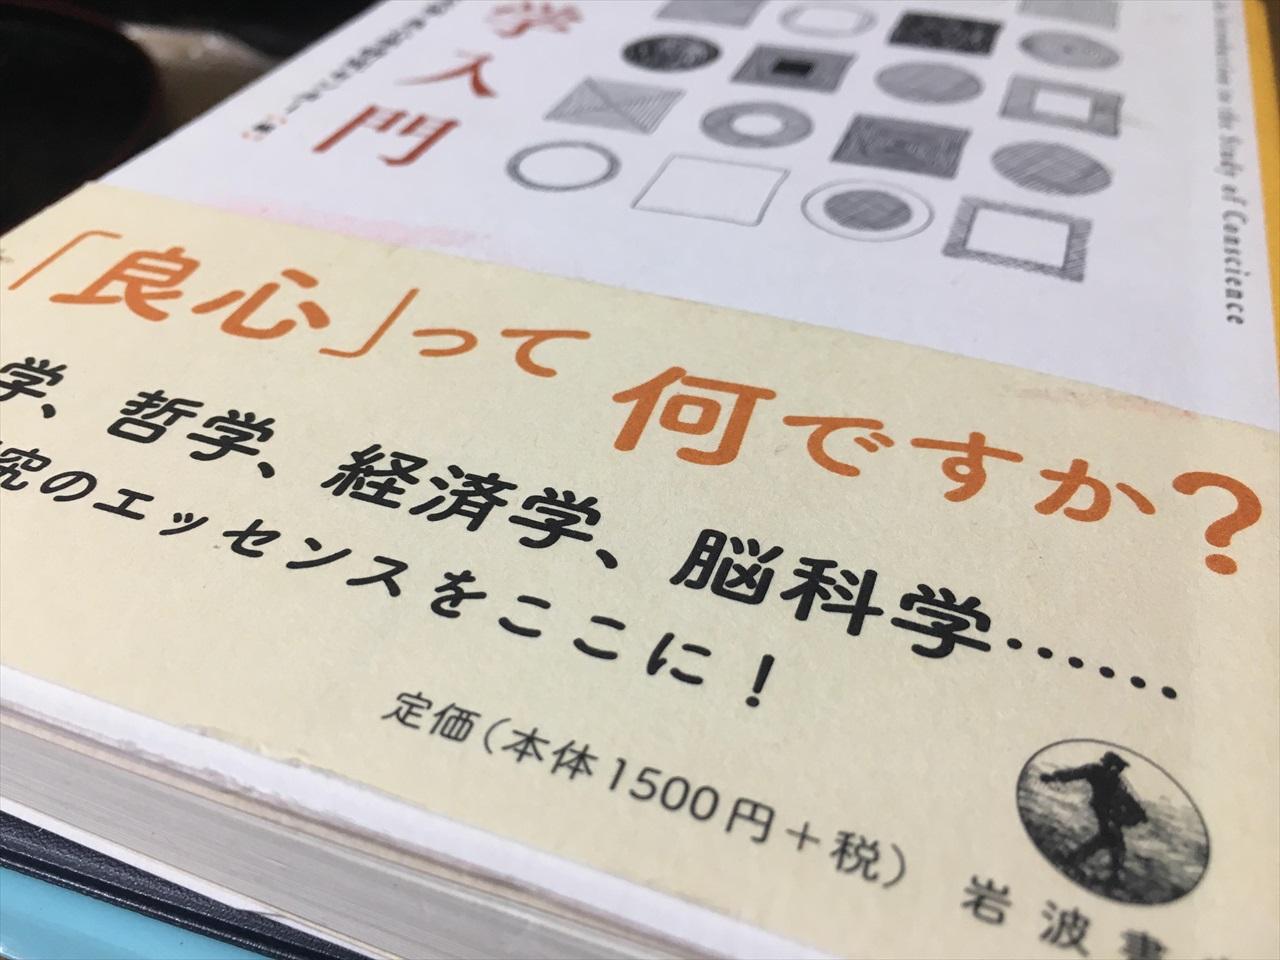 書評:同志社大学良心学研究センター編『良心学入門』岩波書店。